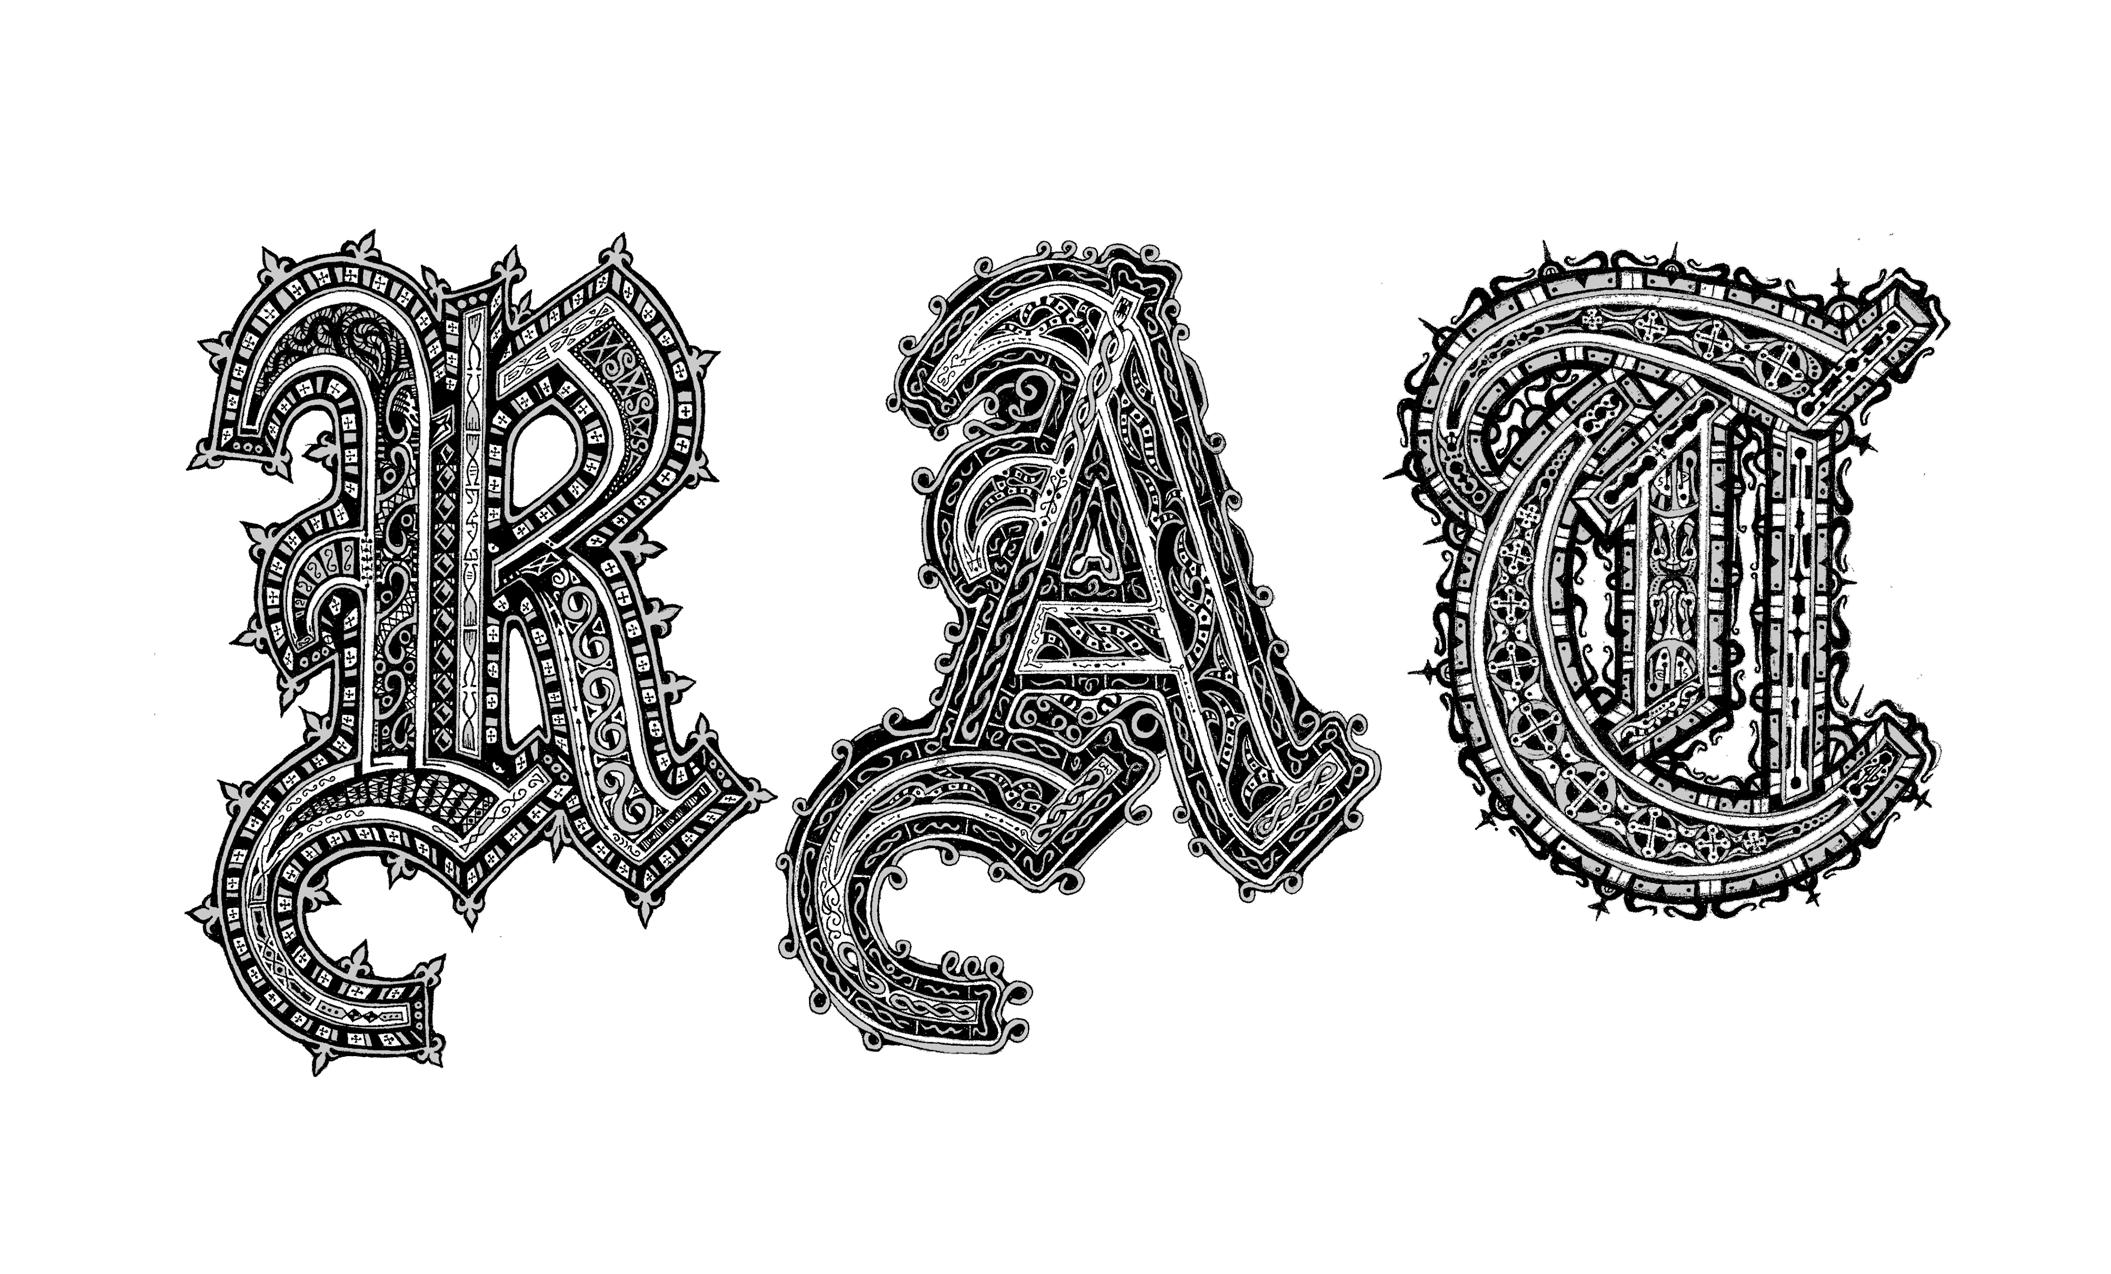 Illuminated Letterforms